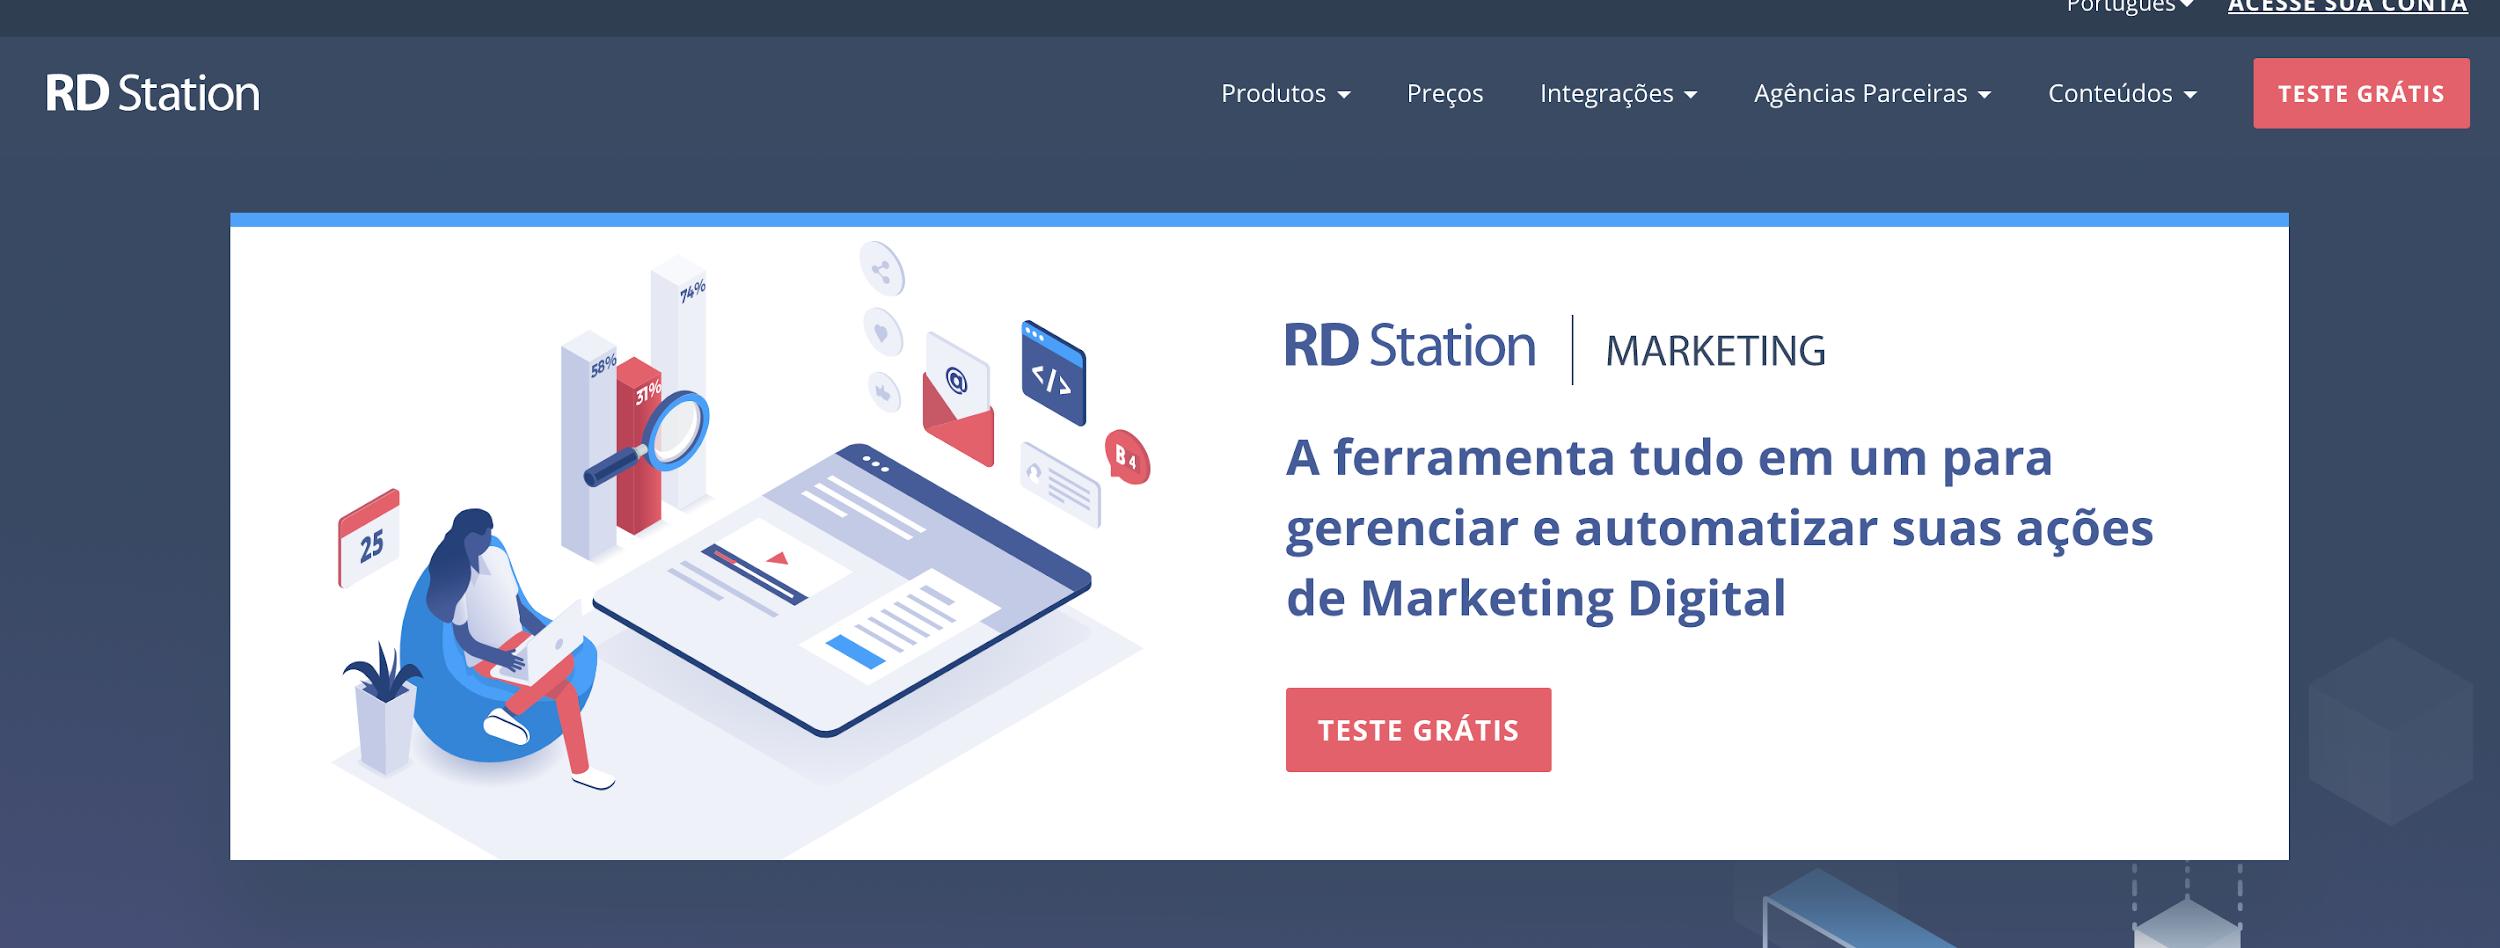 RD Station como exemplo de plataforma digitais